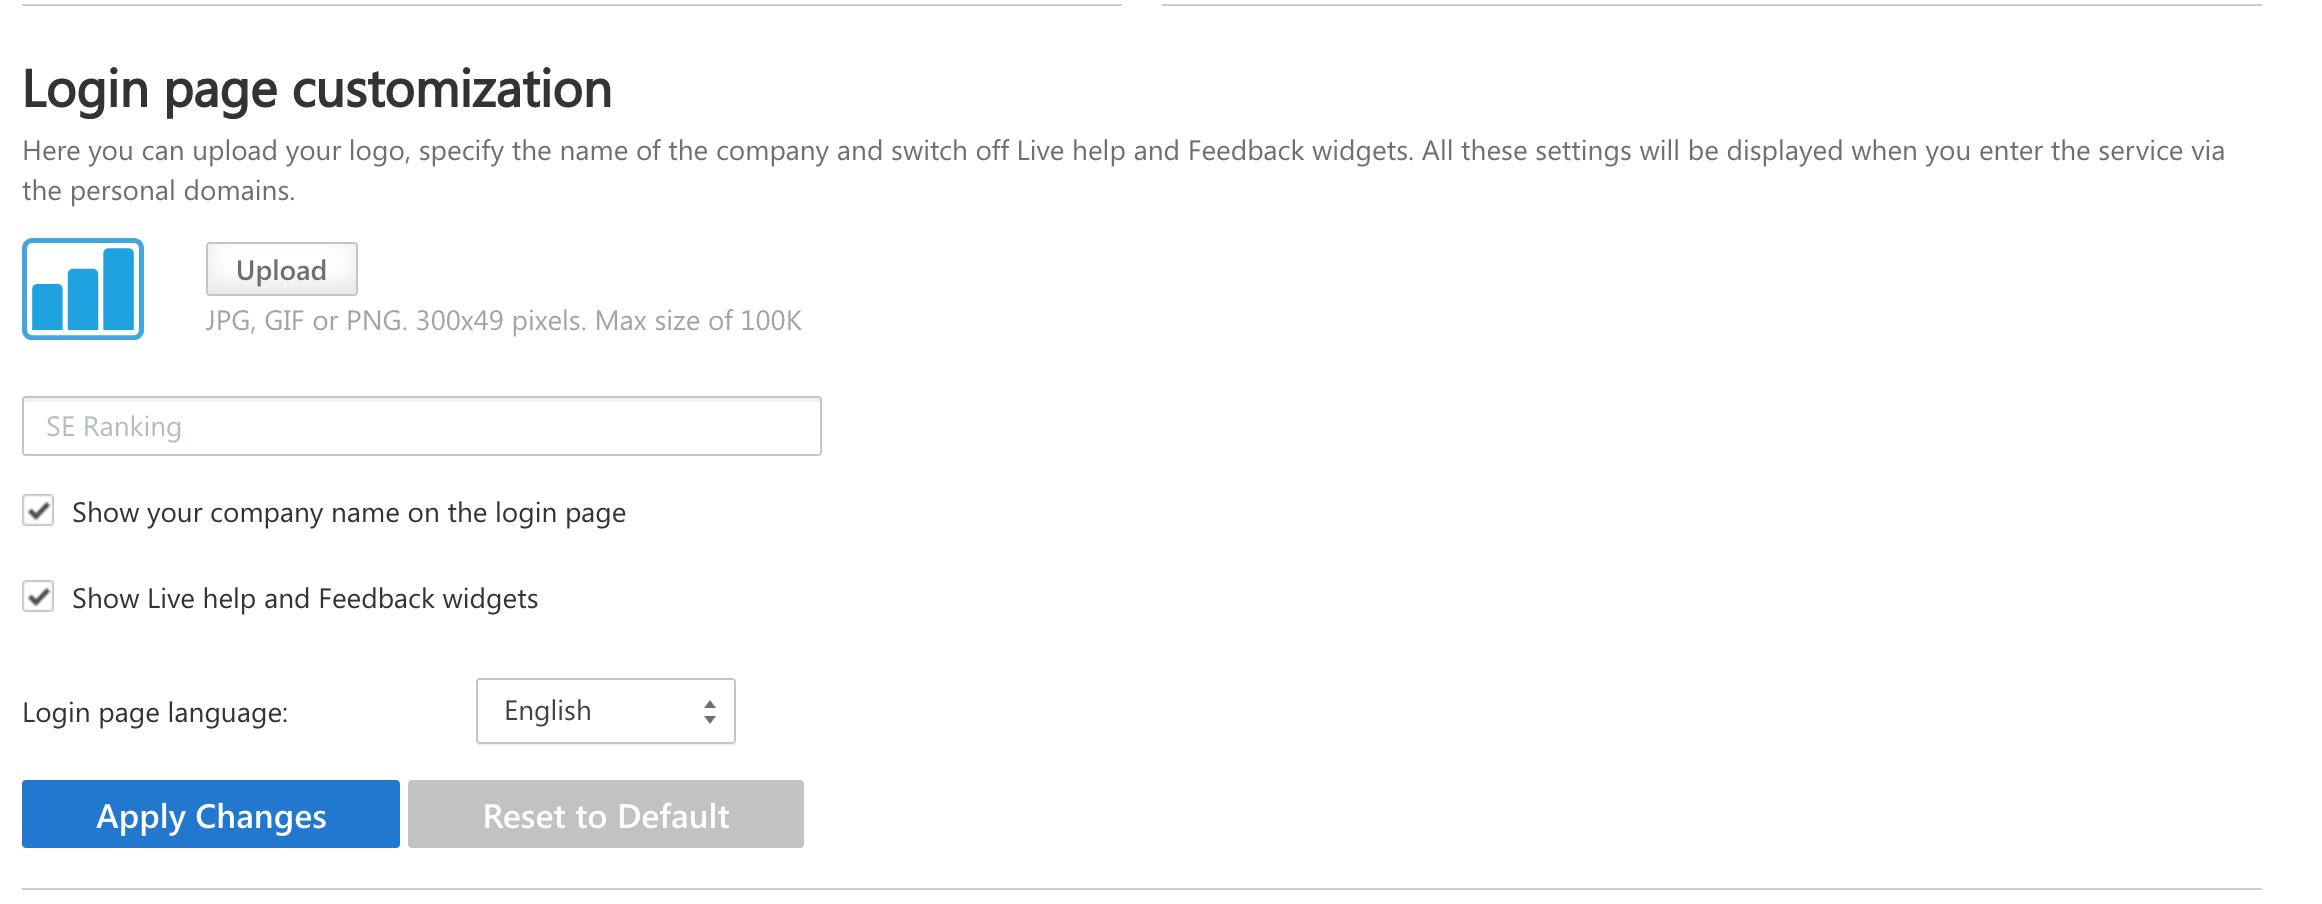 Login page customization